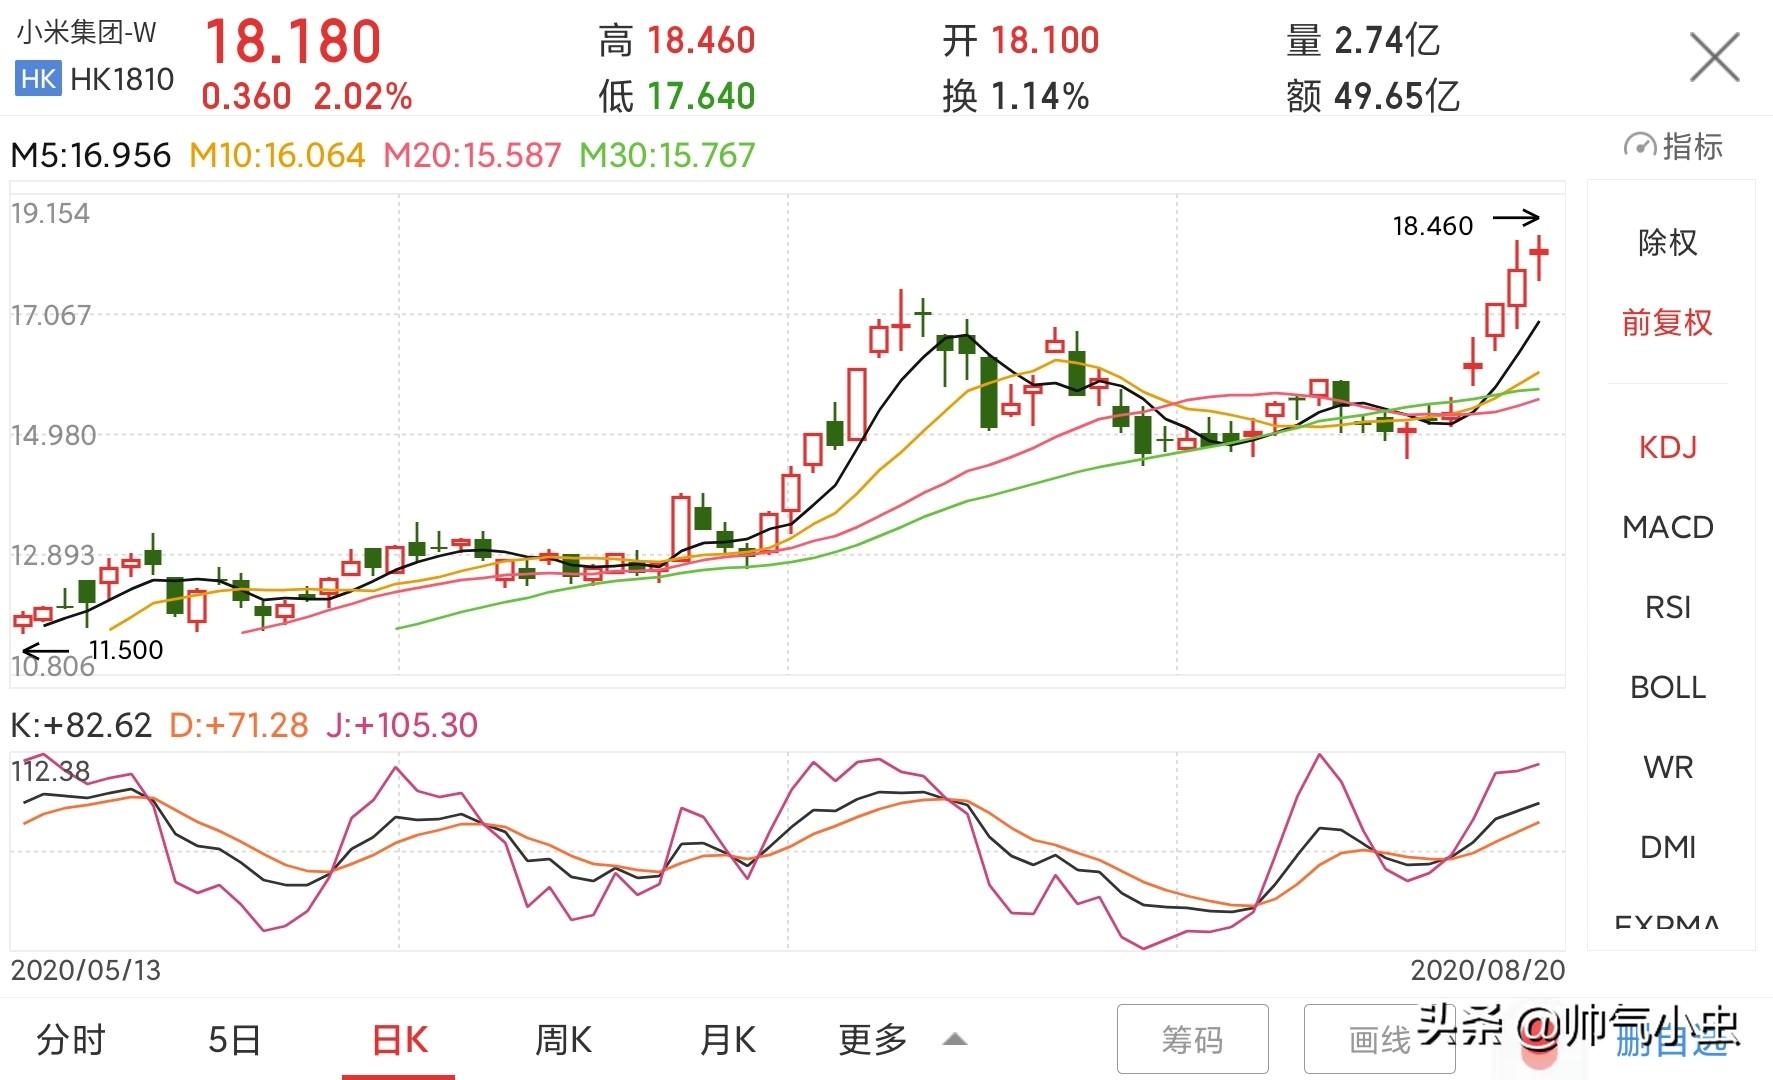 雷军演讲立竿见影,小米股票连涨7天,未来发展战略赢回资本市场